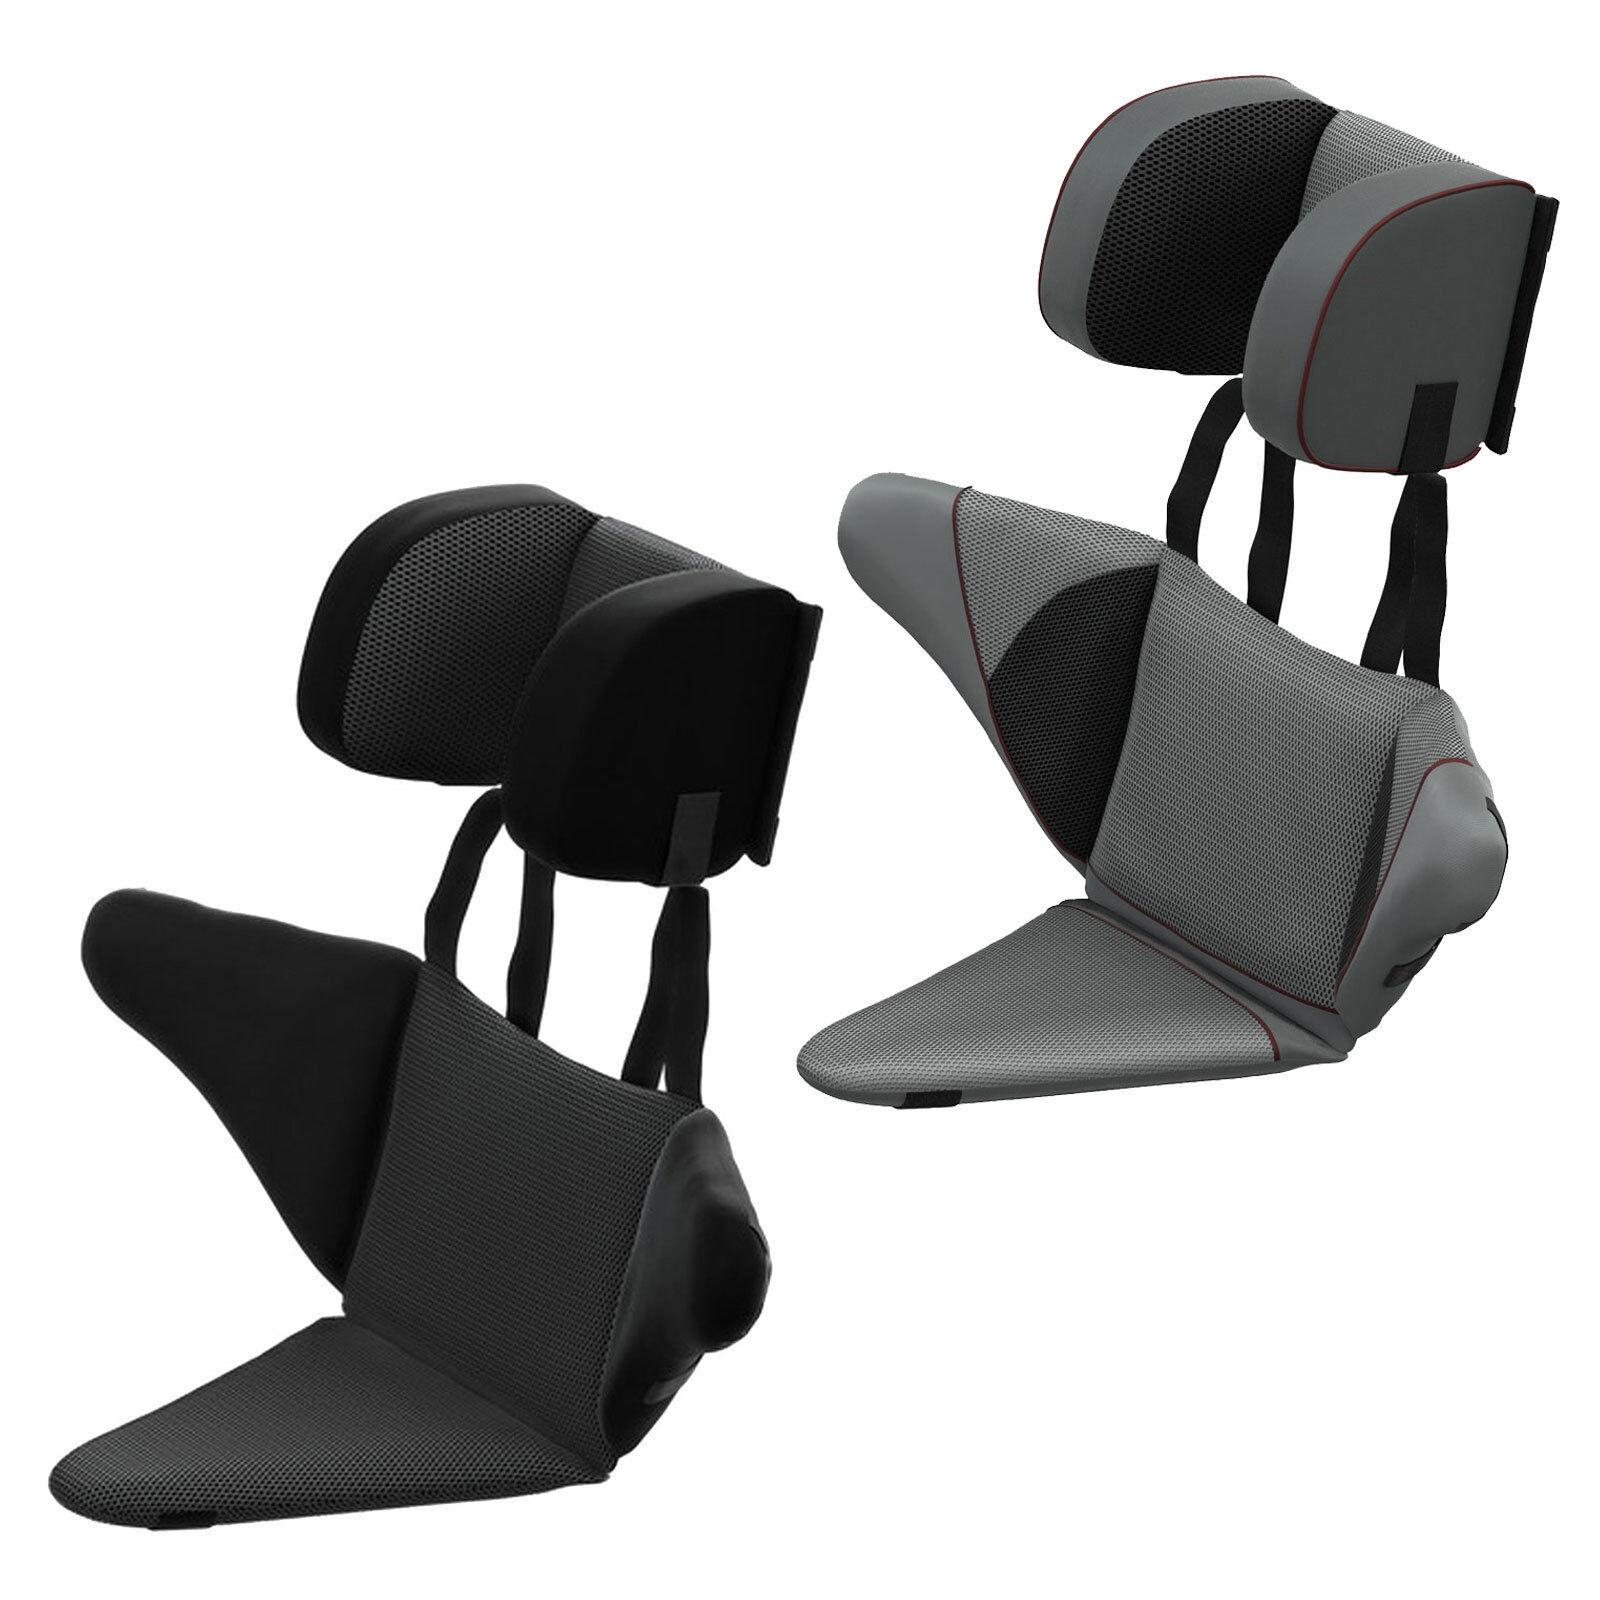 Thule Chariot Baby Supporter Kinder-Sitzstütze Zusatzsitz Stütze Kinder-Sitz